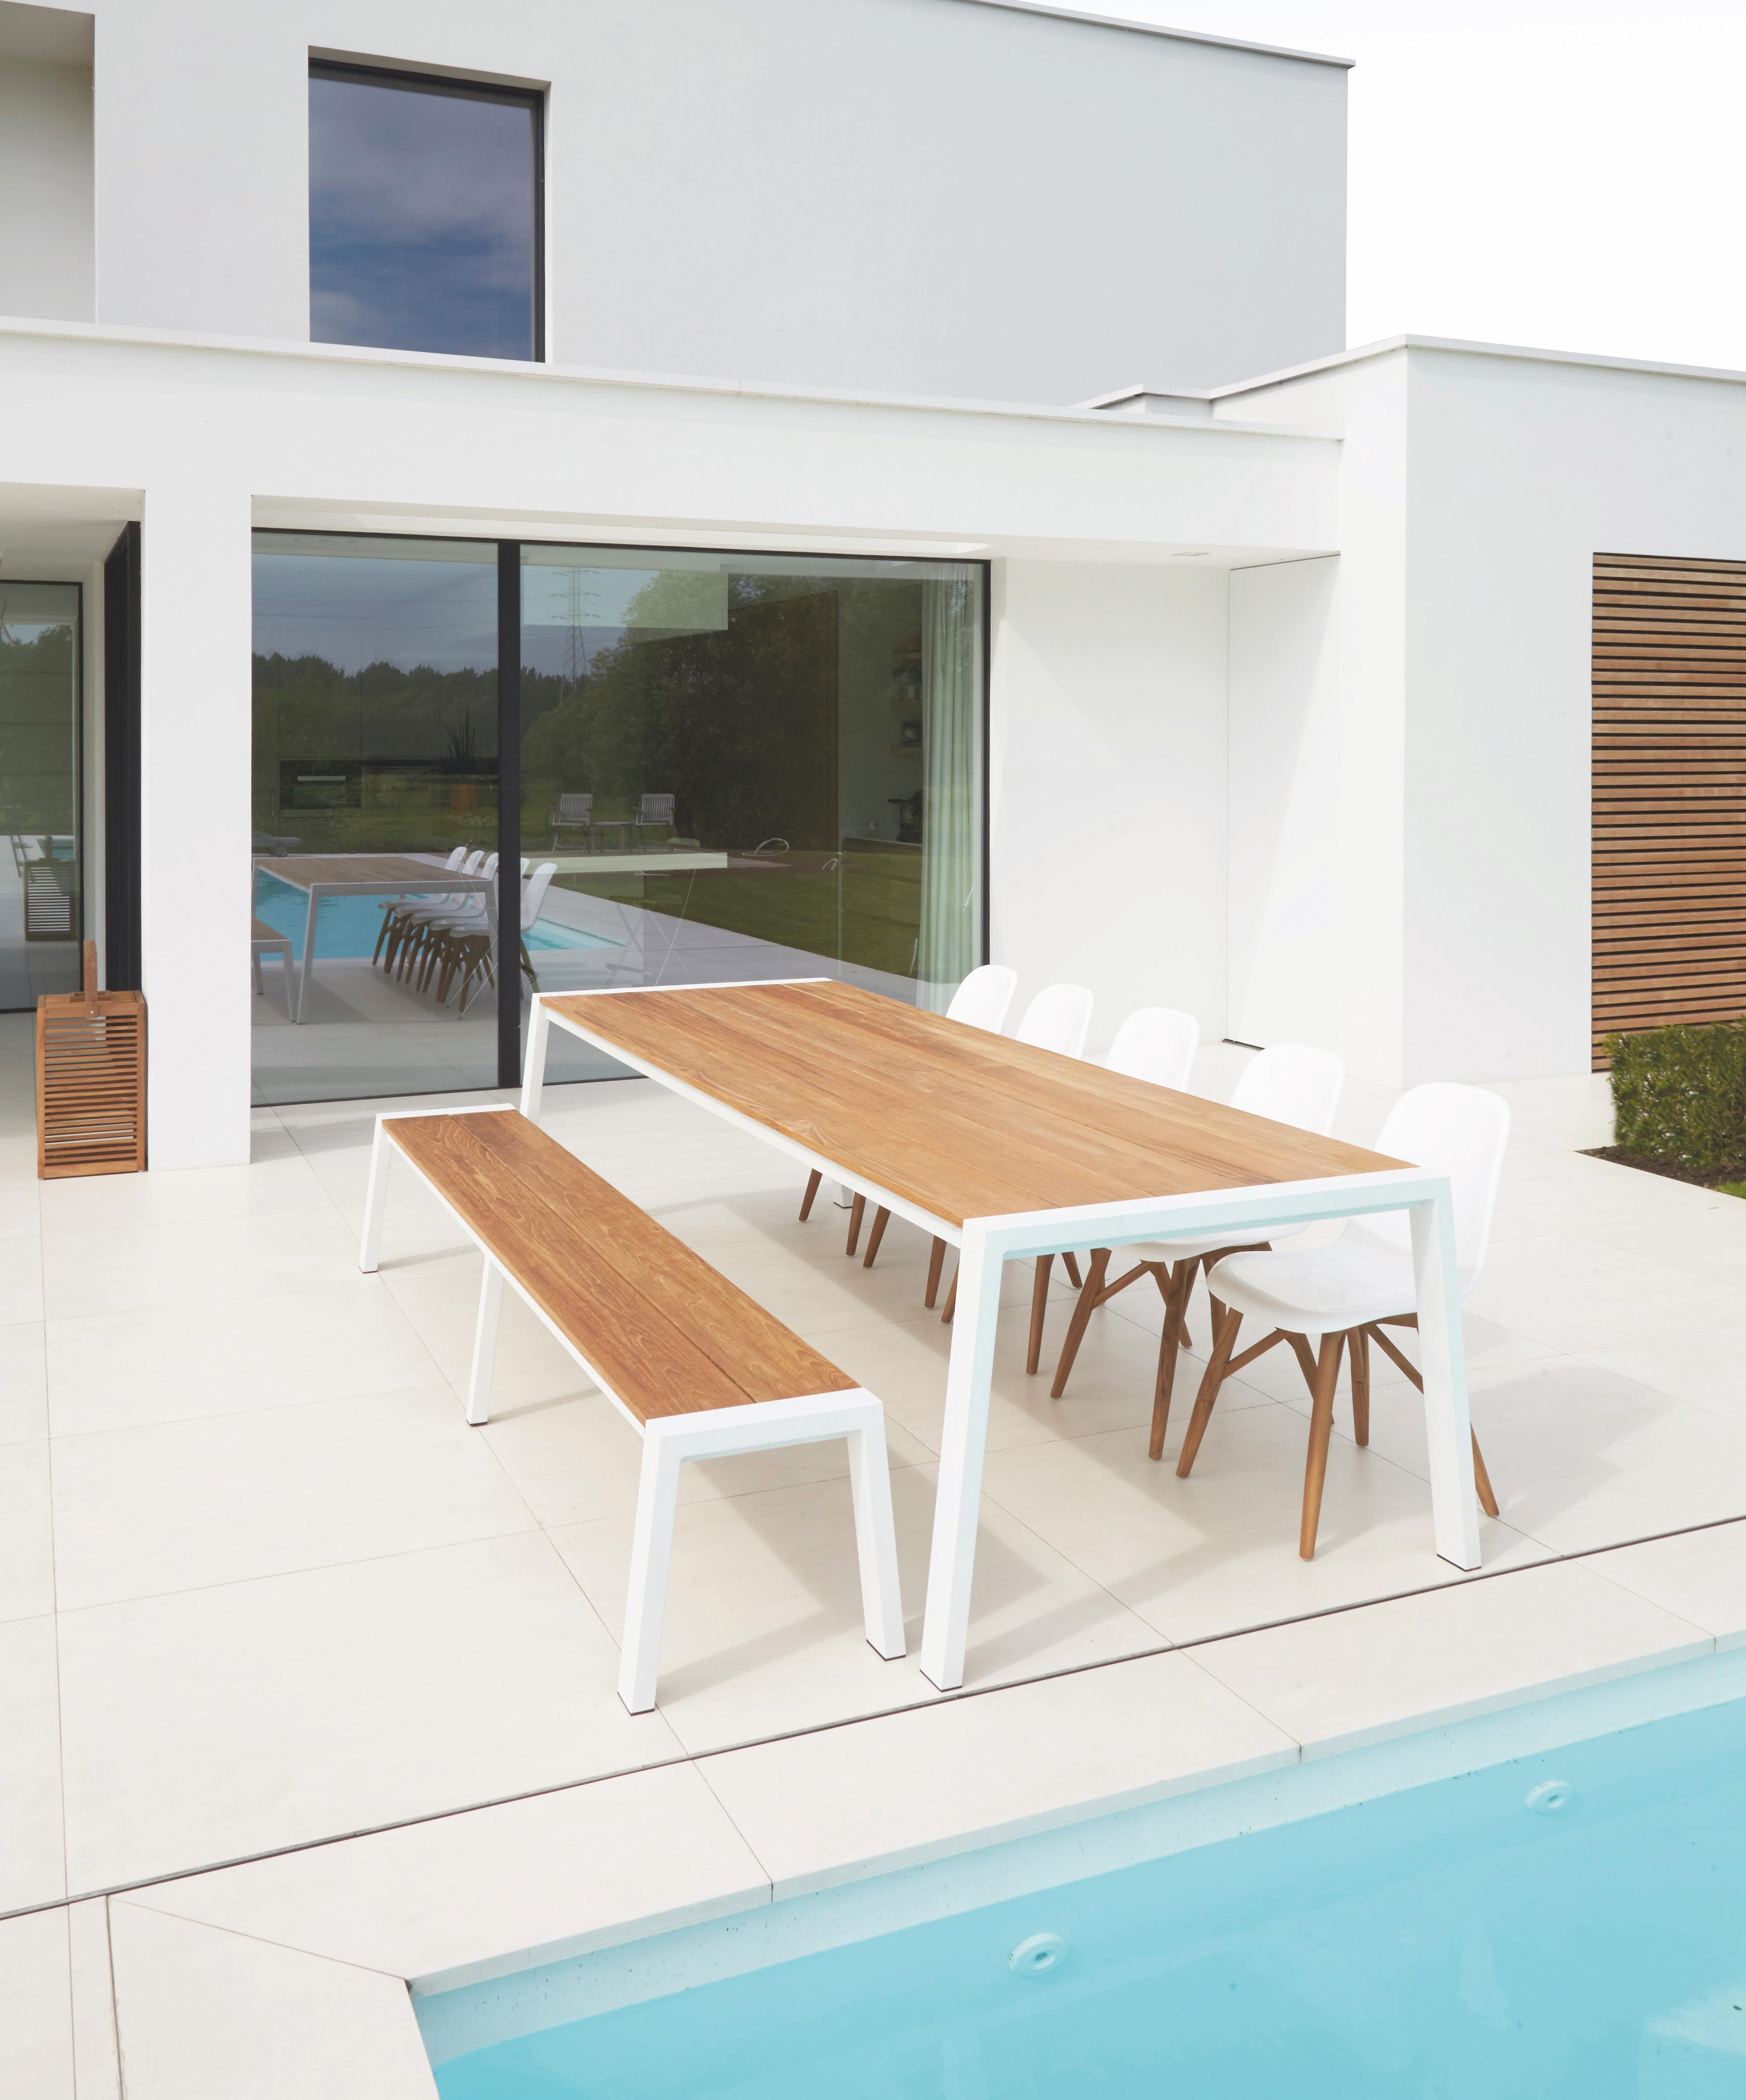 Modern Aluminum Teak Extra Long Dining Table Farm House ...